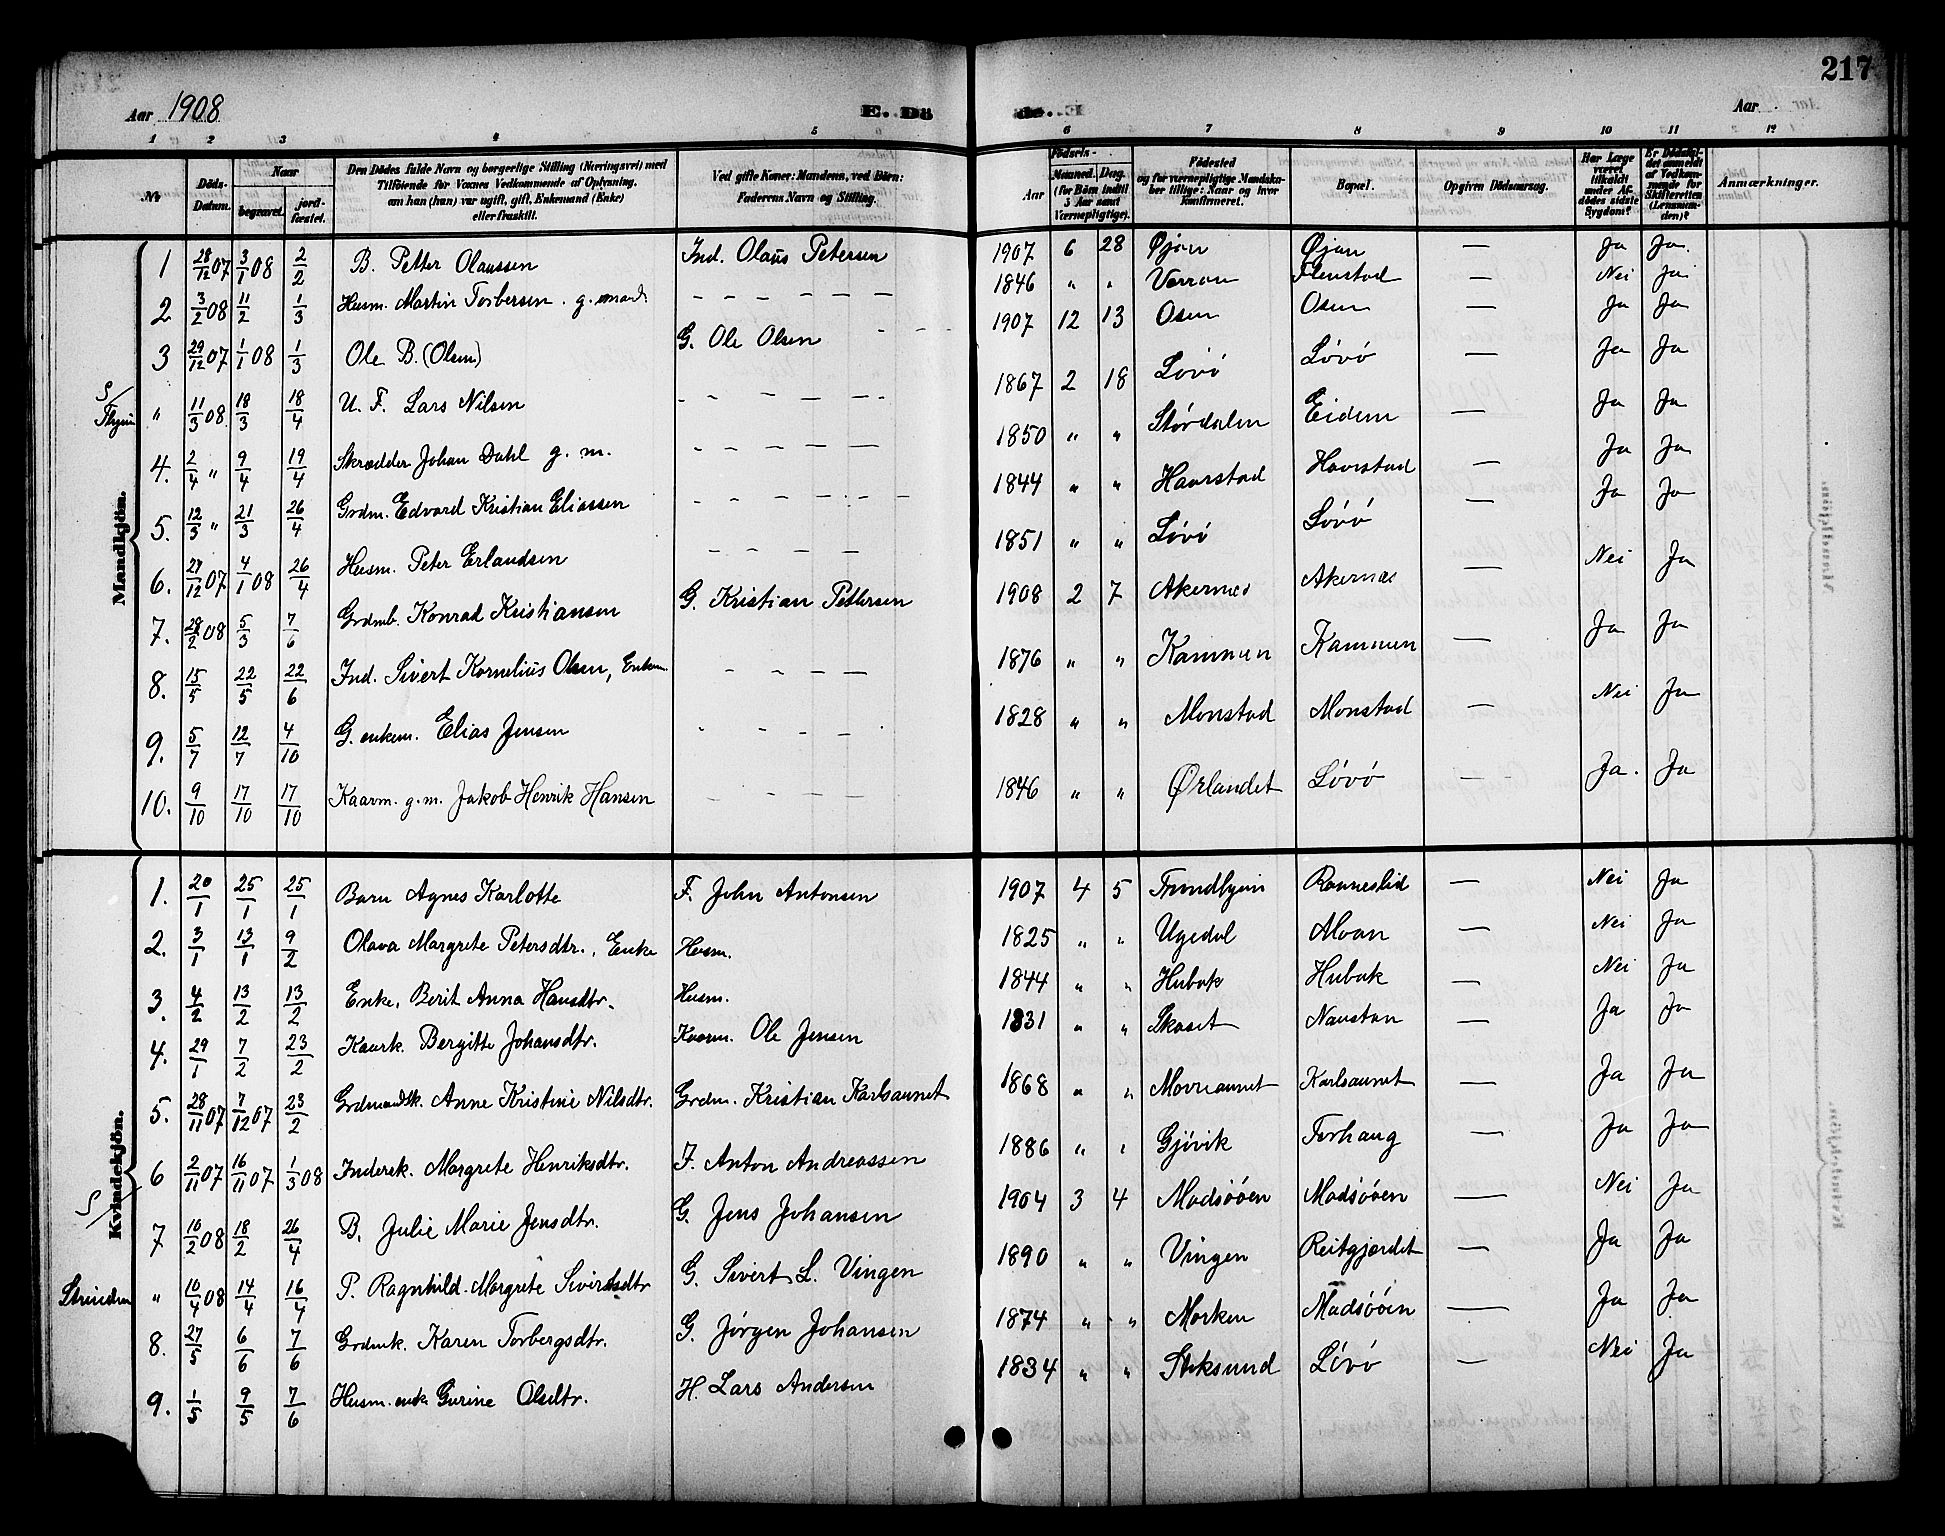 SAT, Ministerialprotokoller, klokkerbøker og fødselsregistre - Sør-Trøndelag, 655/L0688: Klokkerbok nr. 655C04, 1899-1922, s. 217